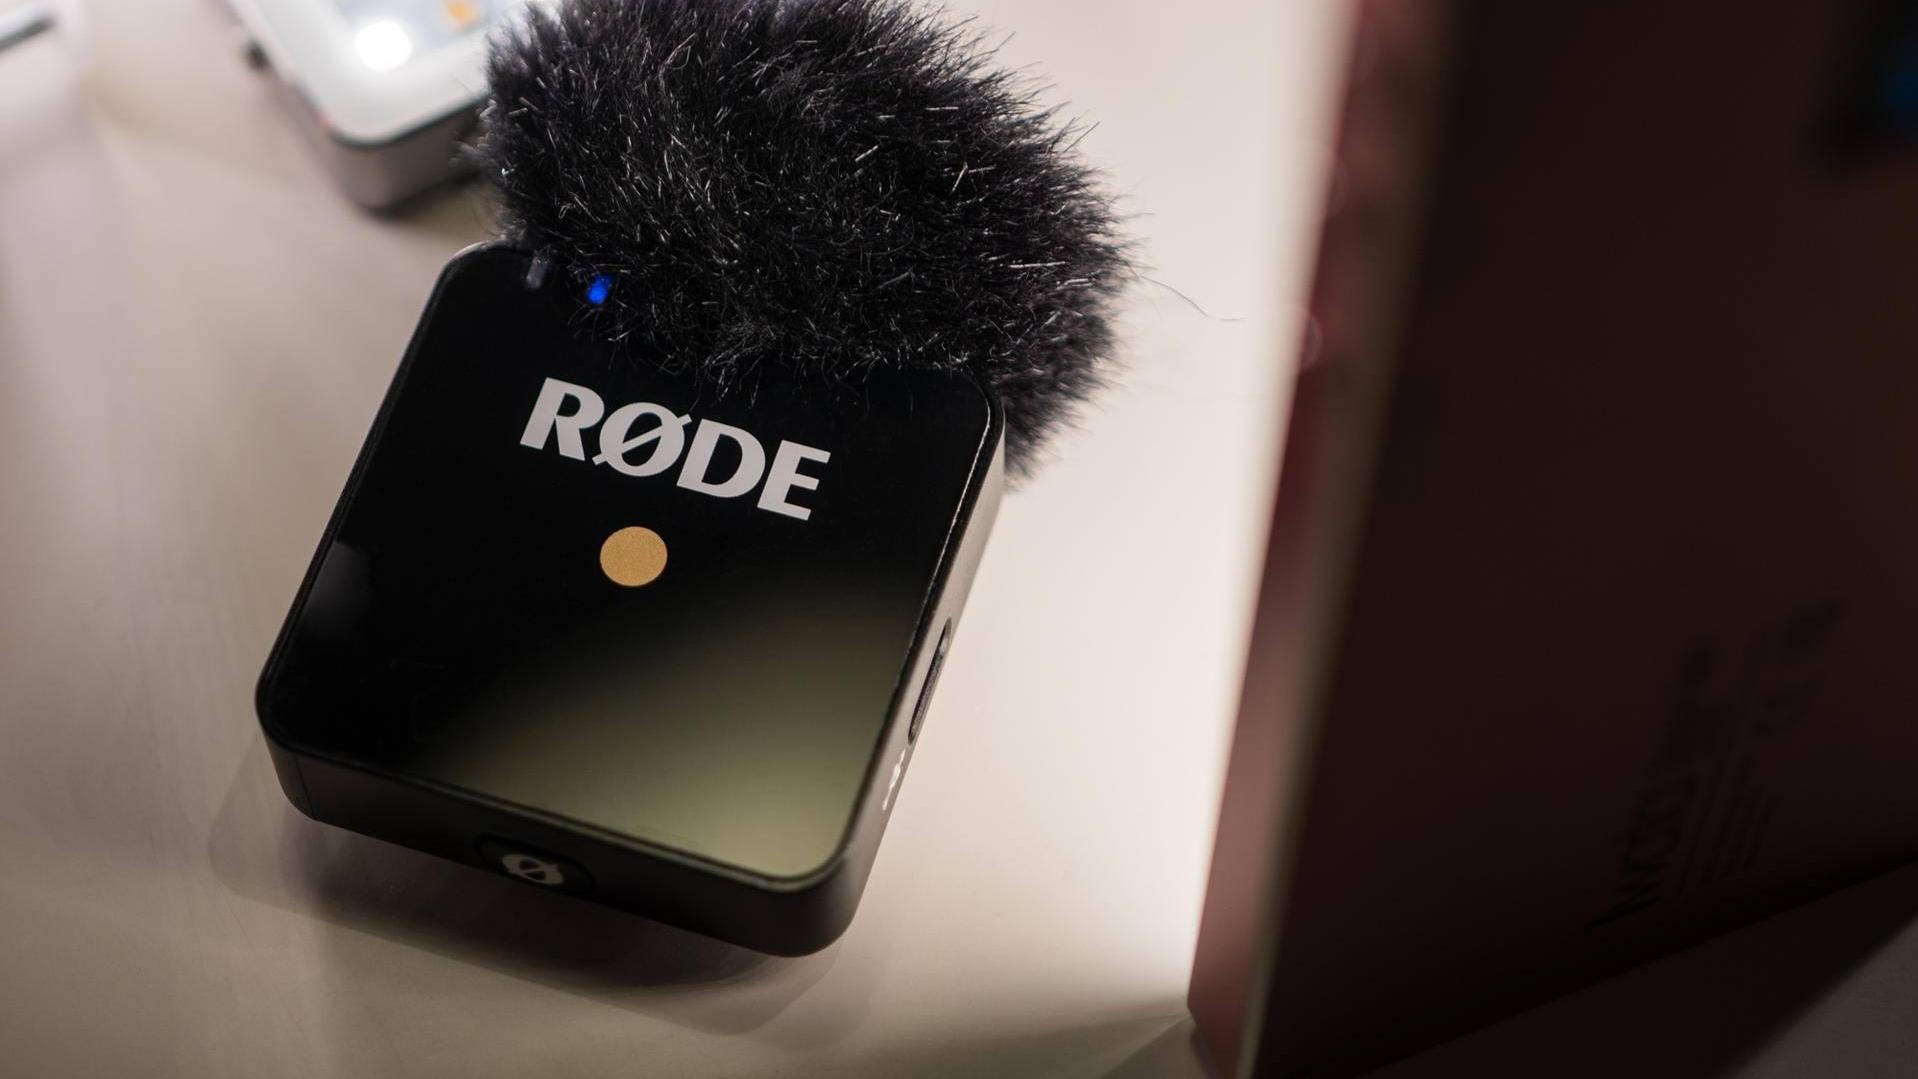 Rode Wireless Go 评测,索尼「小蜜蜂」杀手?